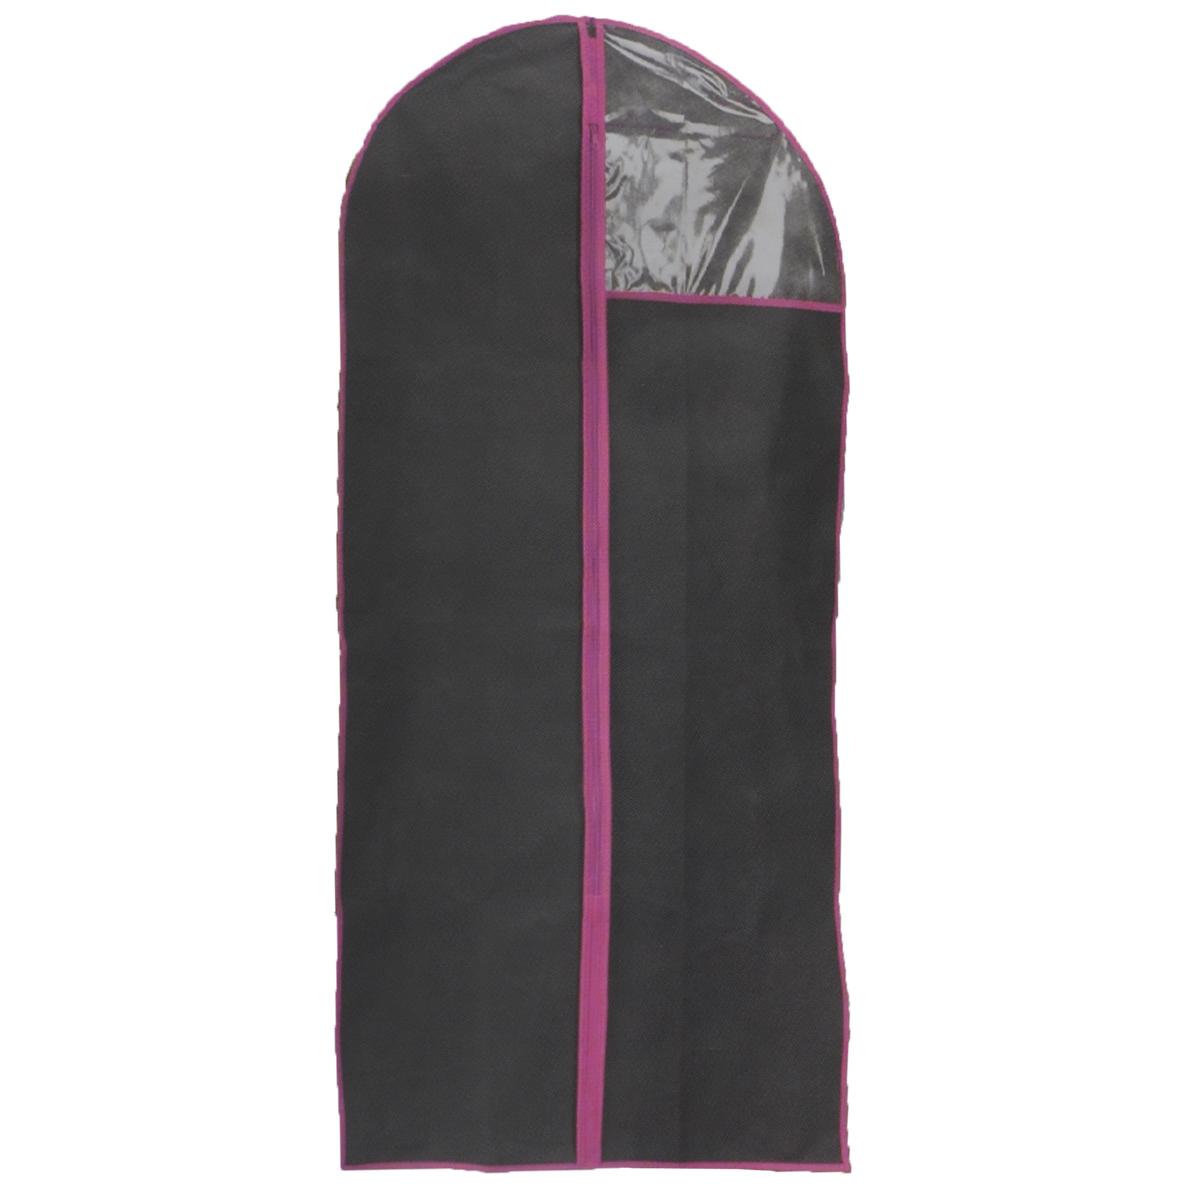 Чехол для одежды, цвет: черный, 60 см х 120 см10503Чехол для одежды изготовлен из высококачественного нетканого материала. Особое строение полотна создает естественную вентиляцию: материал дышит и позволяет воздуху свободно проникать внутрь чехла, не пропуская пыль. Благодаря форме чехла, одежда не мнется даже при длительном хранении. Застегивается на молнию. Окошко из пластика позволяет увидеть, какие вещи находятся внутри. Чехол для одежды будет очень полезен при транспортировке вещей на близкие и дальние расстояния, при длительном хранении сезонной одежды, а также при ежедневном хранении вещей из деликатных тканей. Чехол для одежды не только защитит ваши вещи от пыли и влаги, но и поможет доставить одежду на любое мероприятие в идеальном состоянии.